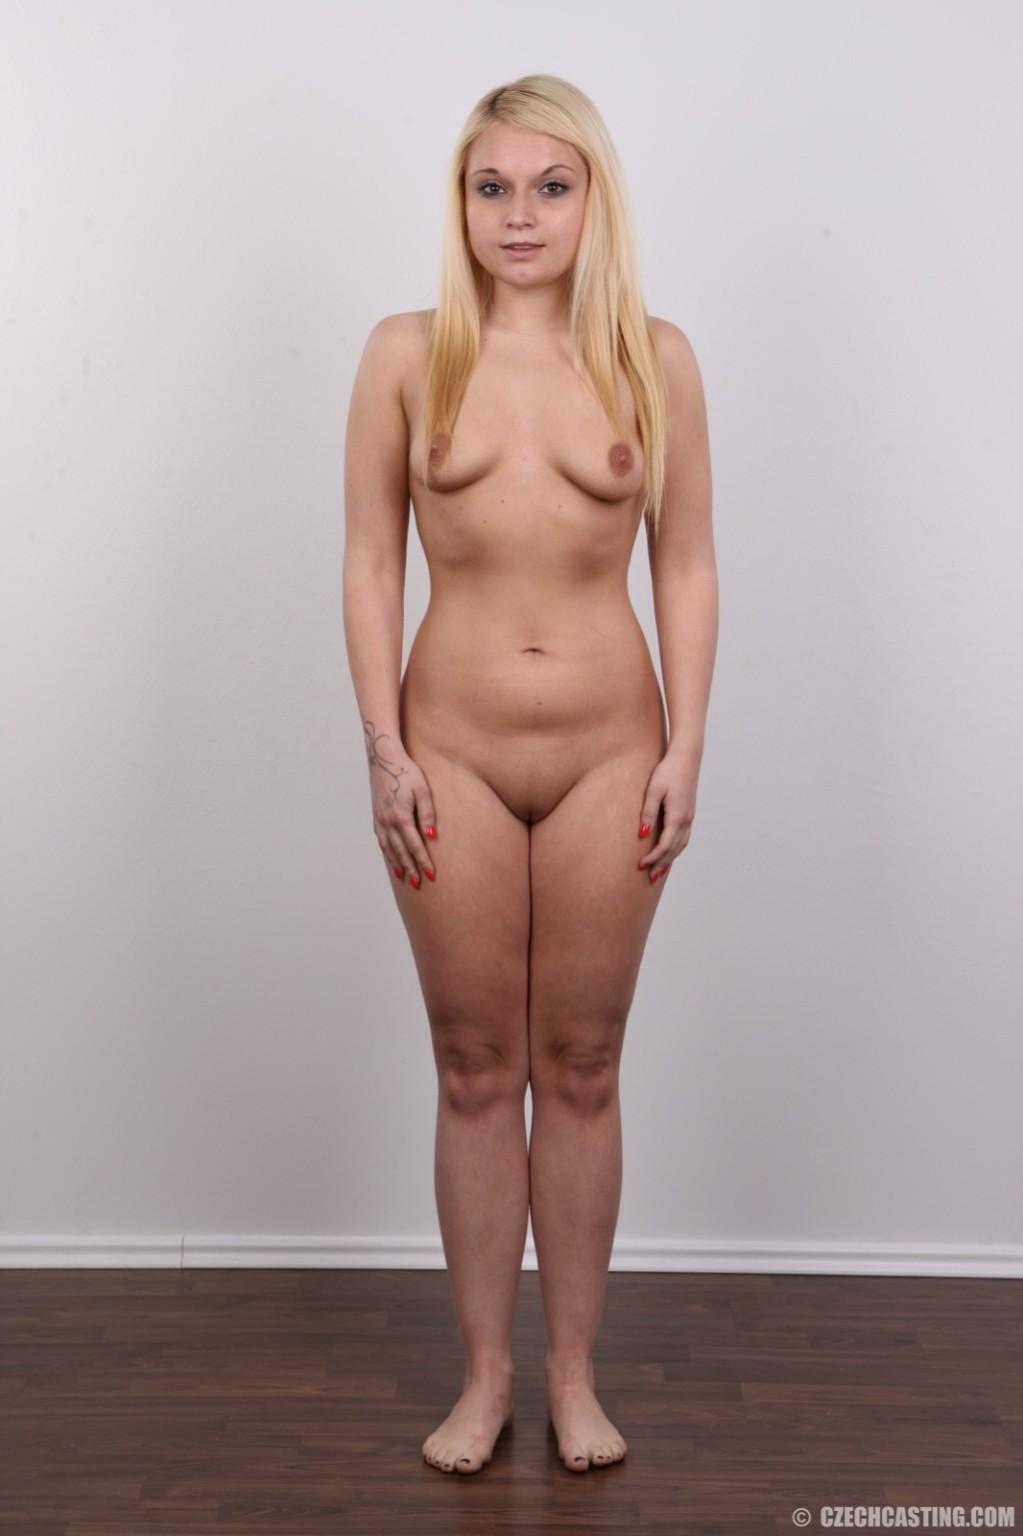 Роскошная голая светловолосая девушка выставляет напоказ ухоженную писю на камеру